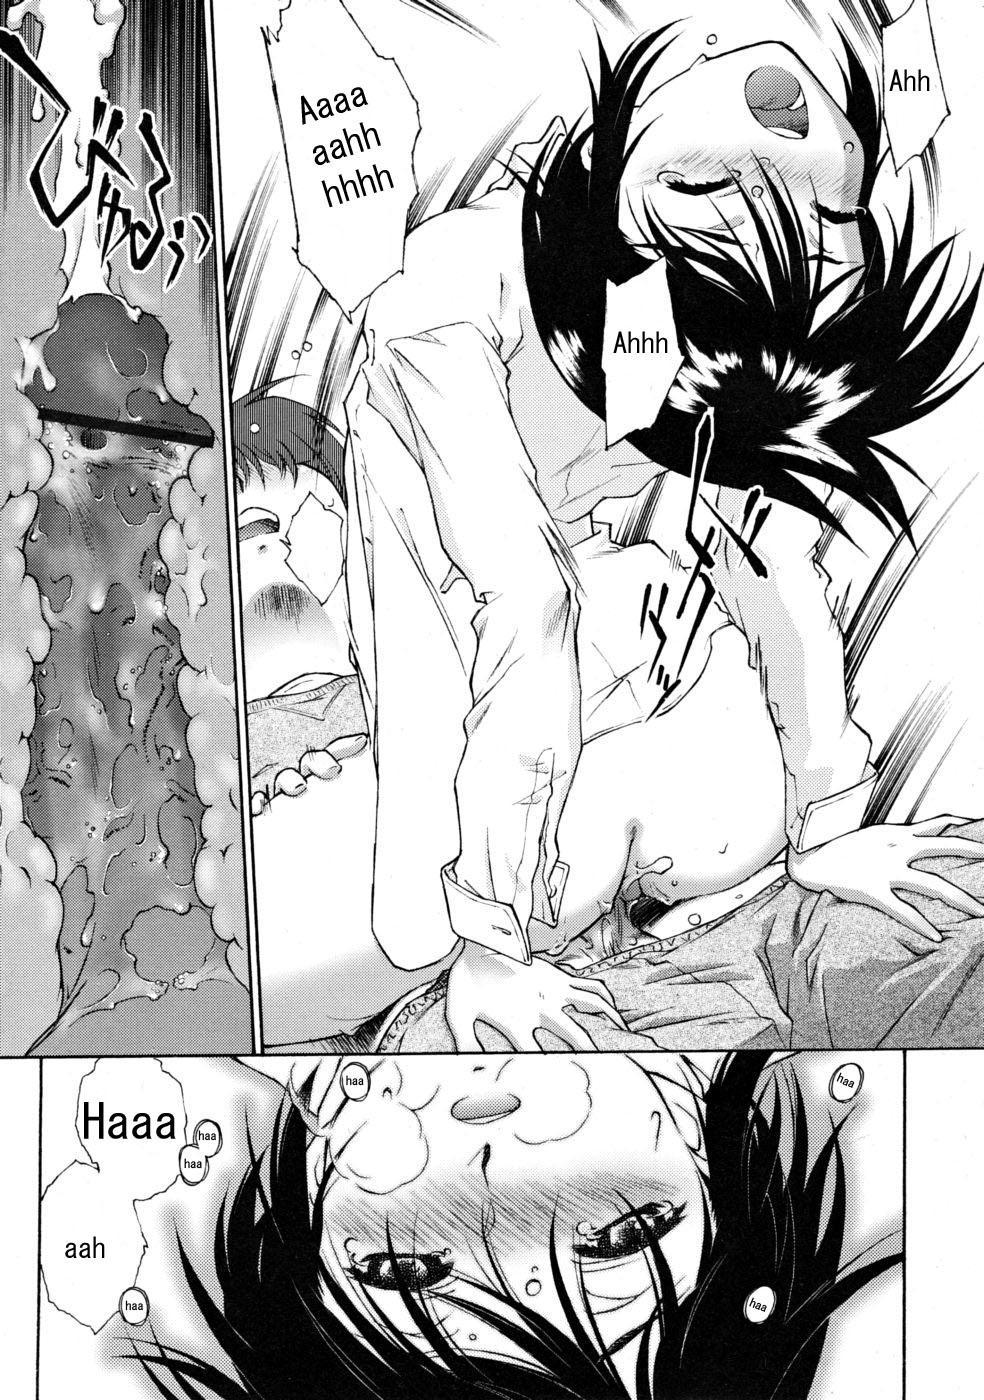 Umashika - FFF Chapter 01 14